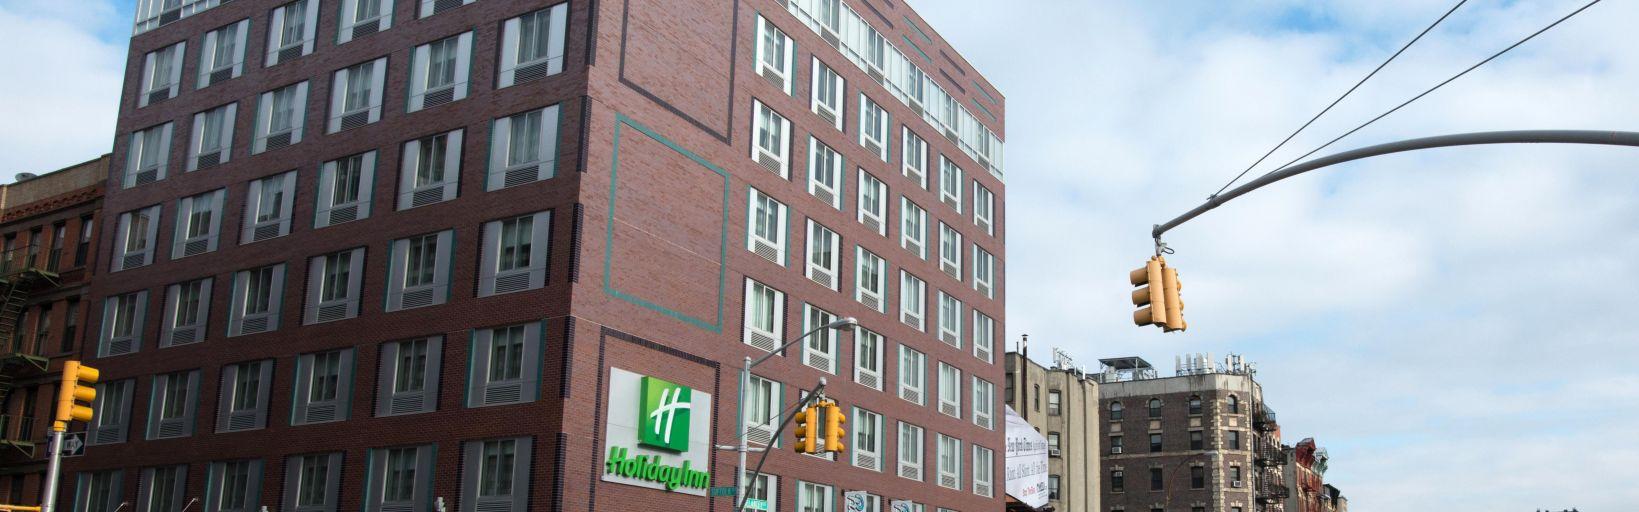 Indigo Hotel Manhattan Ny